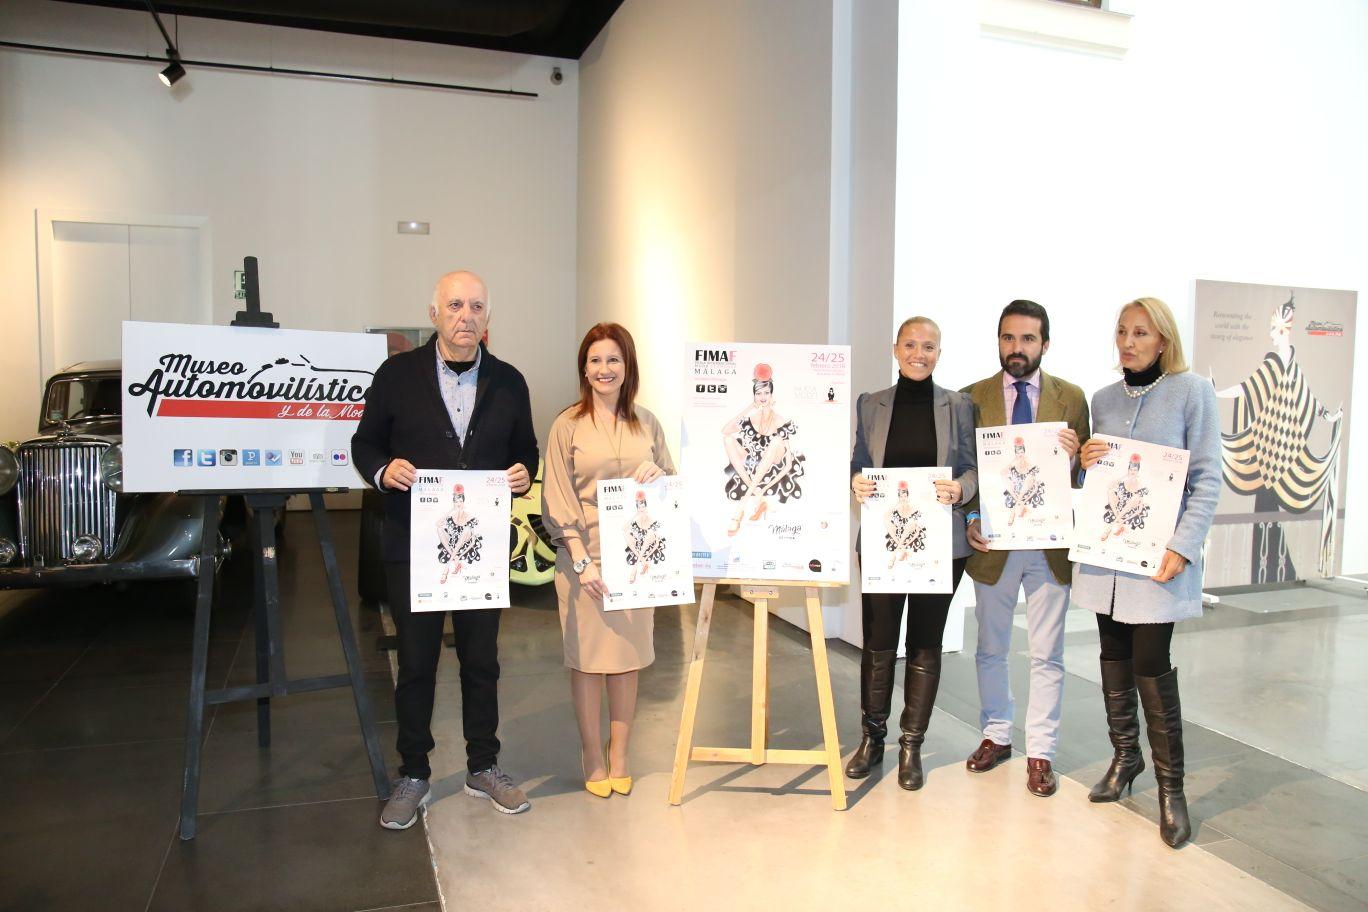 El Museo Automovilístico y de la Moda acoge la presentación de FIMAF 2018